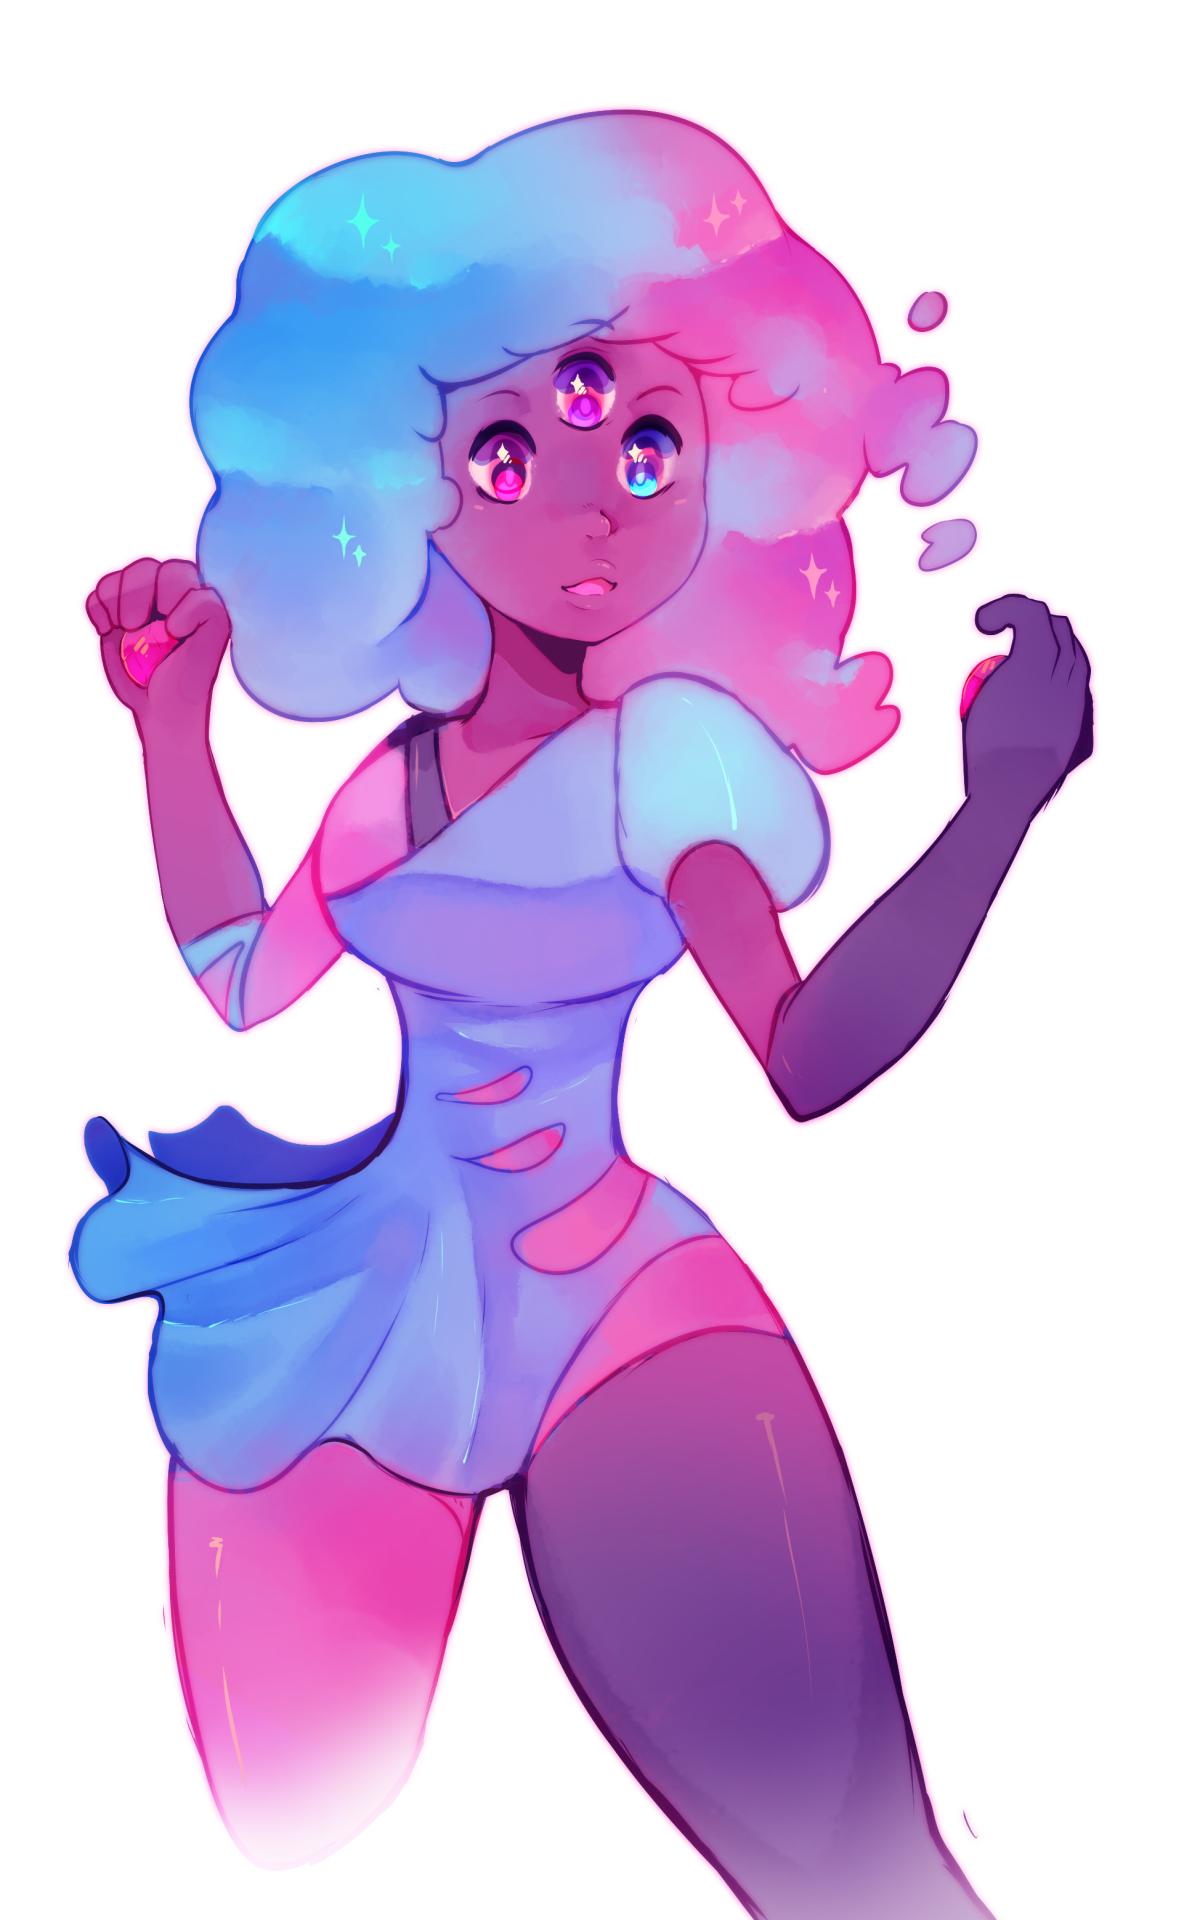 Steven universe. Cotton candy! Steven Universe